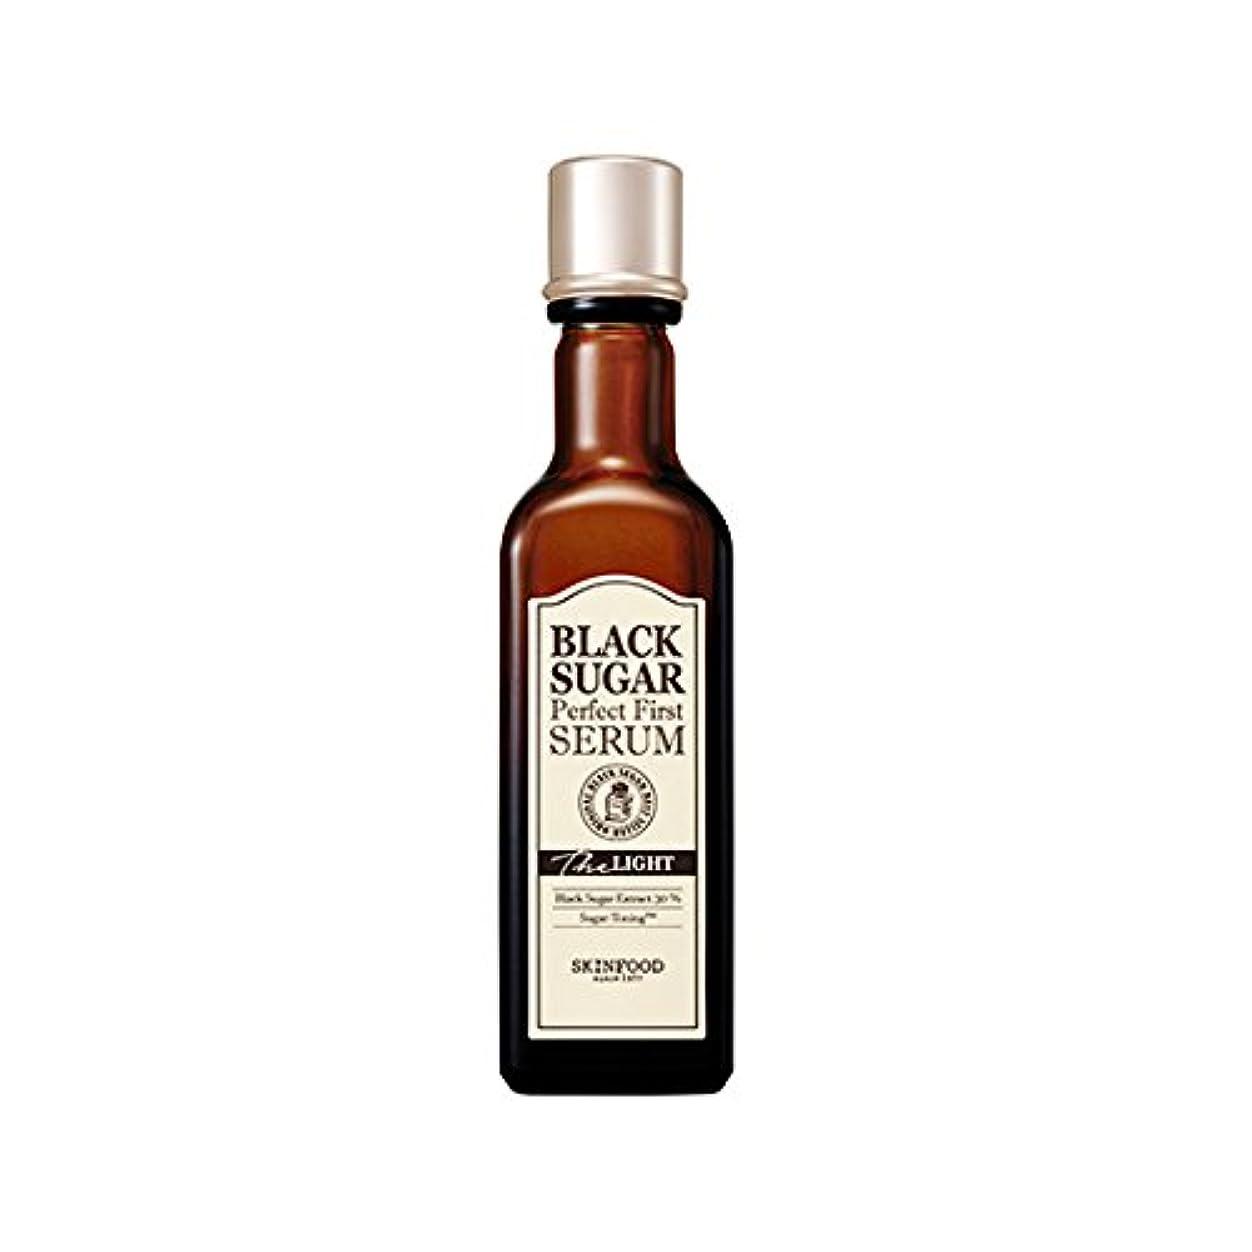 まつげ火薬ハイランドSkinfood black sugar perfect first serum the light/黒糖完全最初血清ライト/120ml + 60? [並行輸入品]